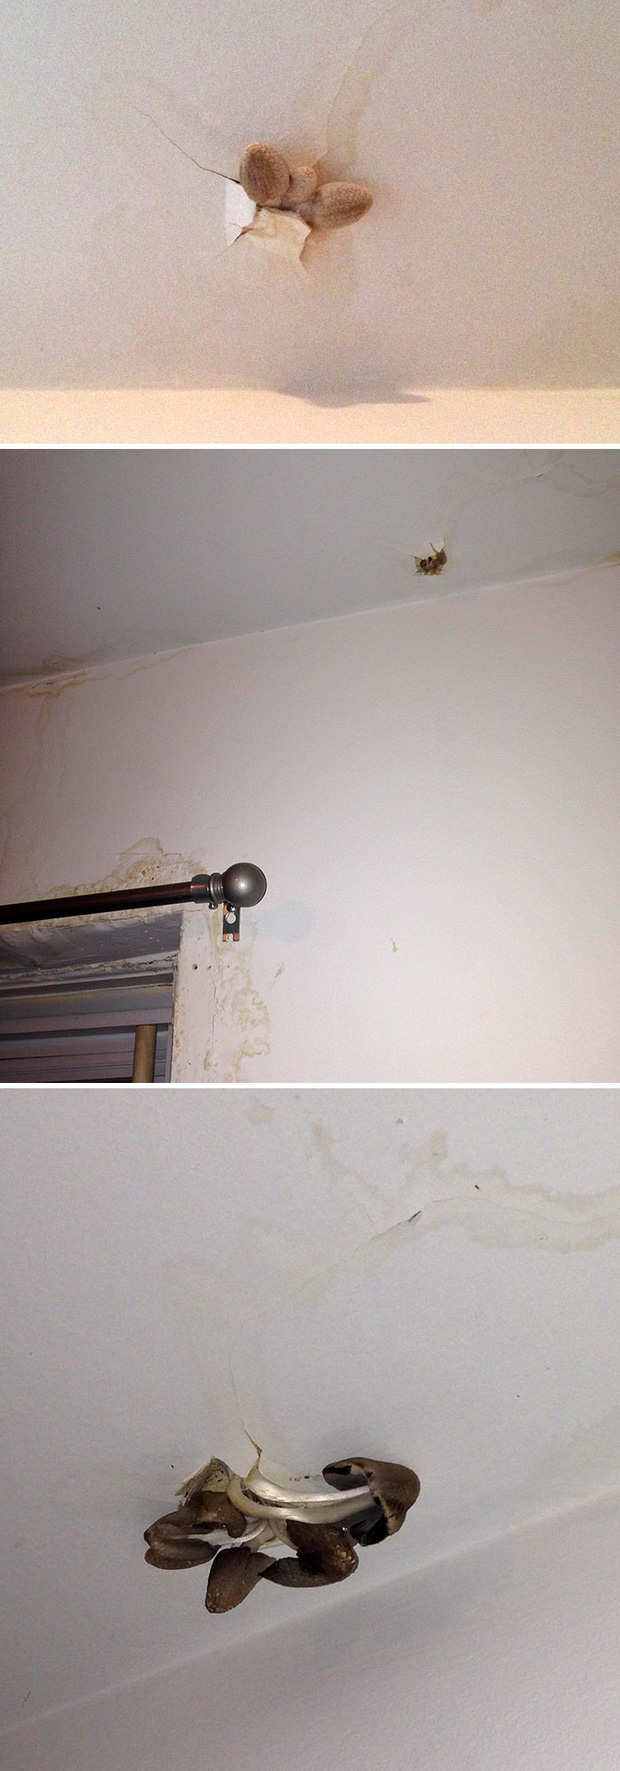 Những trường hợp thảm họa nhà trọ nhìn mà tức: Trăn rủ nhau quấn quýt trên trần nhà, nấm mọc chi chít khắp nơi và hàng rào có như không  - Ảnh 1.